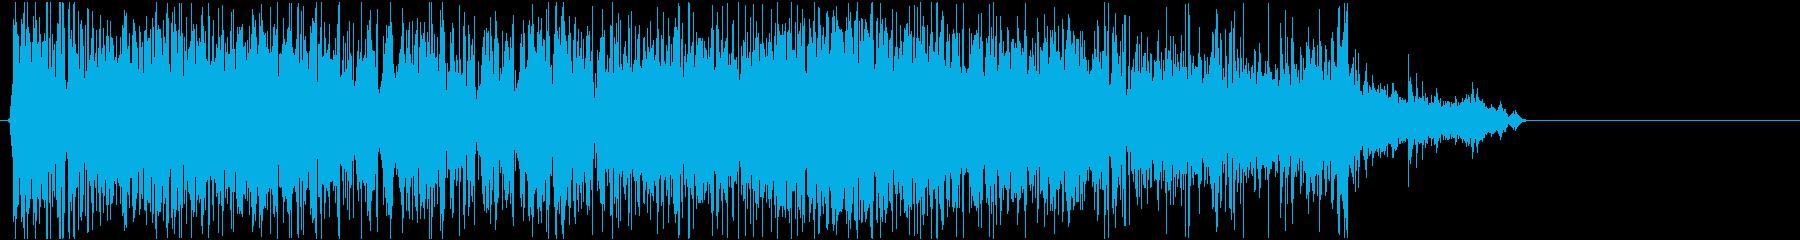 トイレの流す音の再生済みの波形